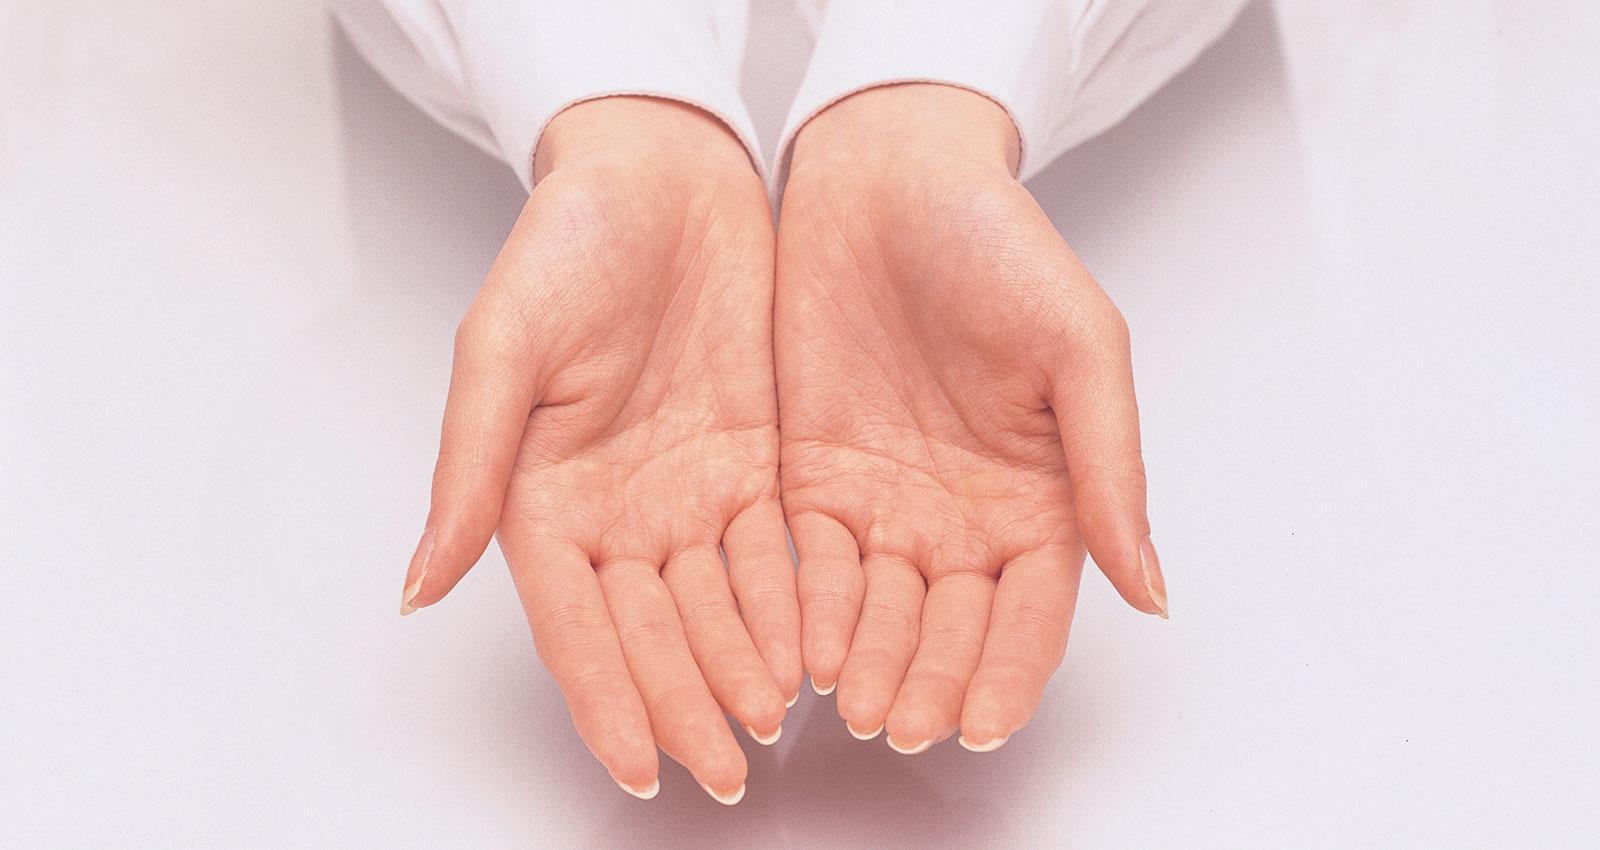 درمان تعریق دست به کمک تزریق بوتاکس